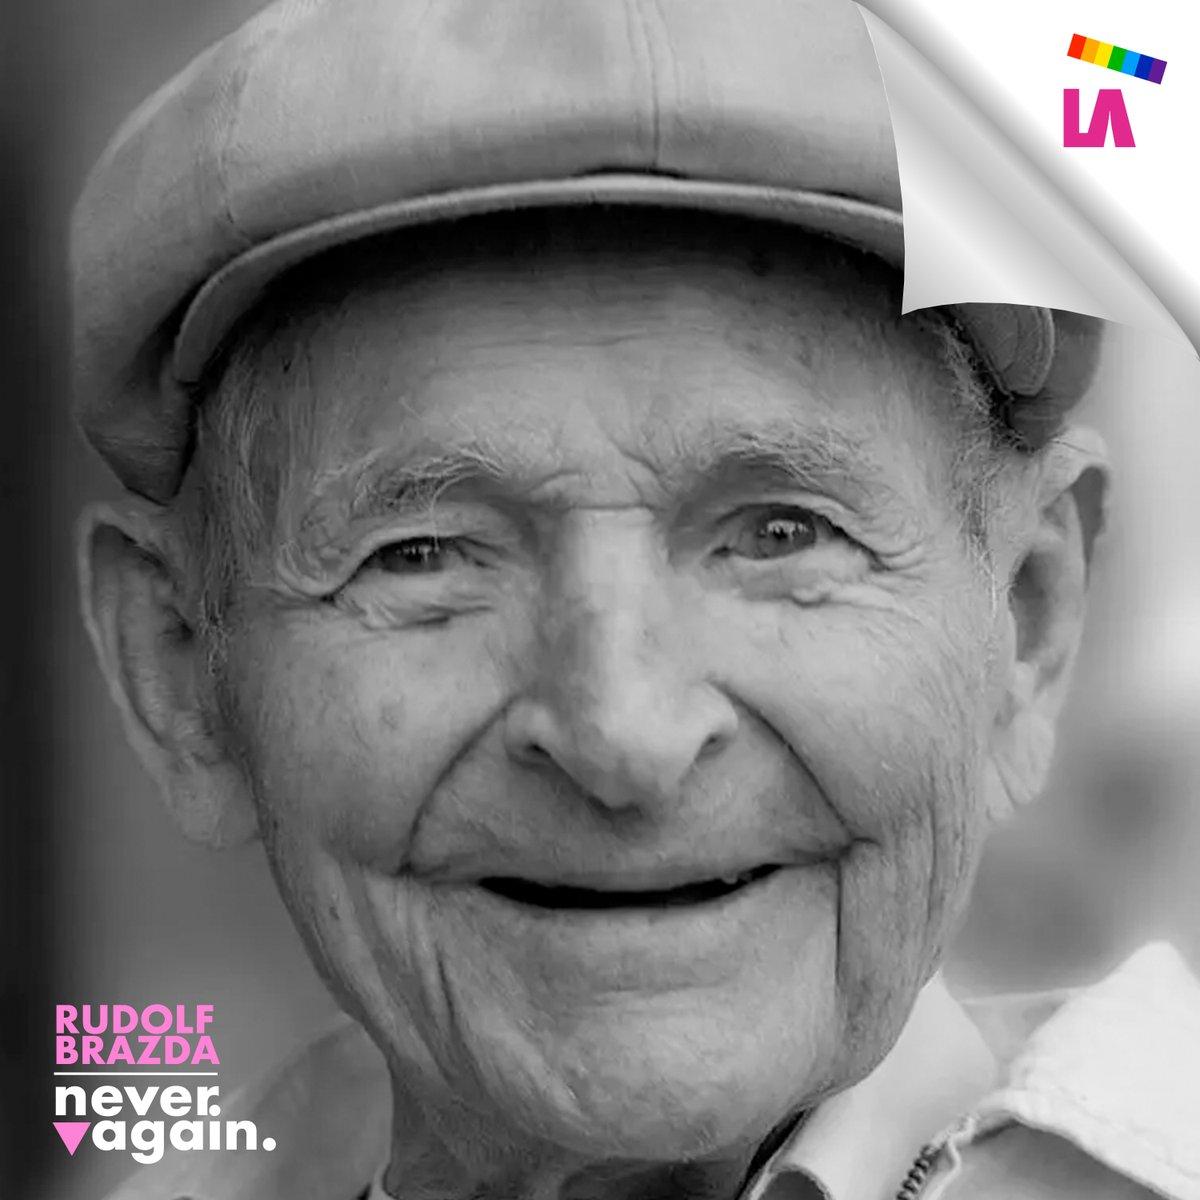 #𝐑𝐮𝐝𝐨𝐥𝐟_𝐁𝐫𝐚𝐳𝐝𝐚 (1913 - 2011) 🔻🌈 #ThelastPinkSurvivor +Info:  _____ #HolocaustRemembranceDay #HolocaustMemorialDay #HolocaustGedenktag  #27Enero